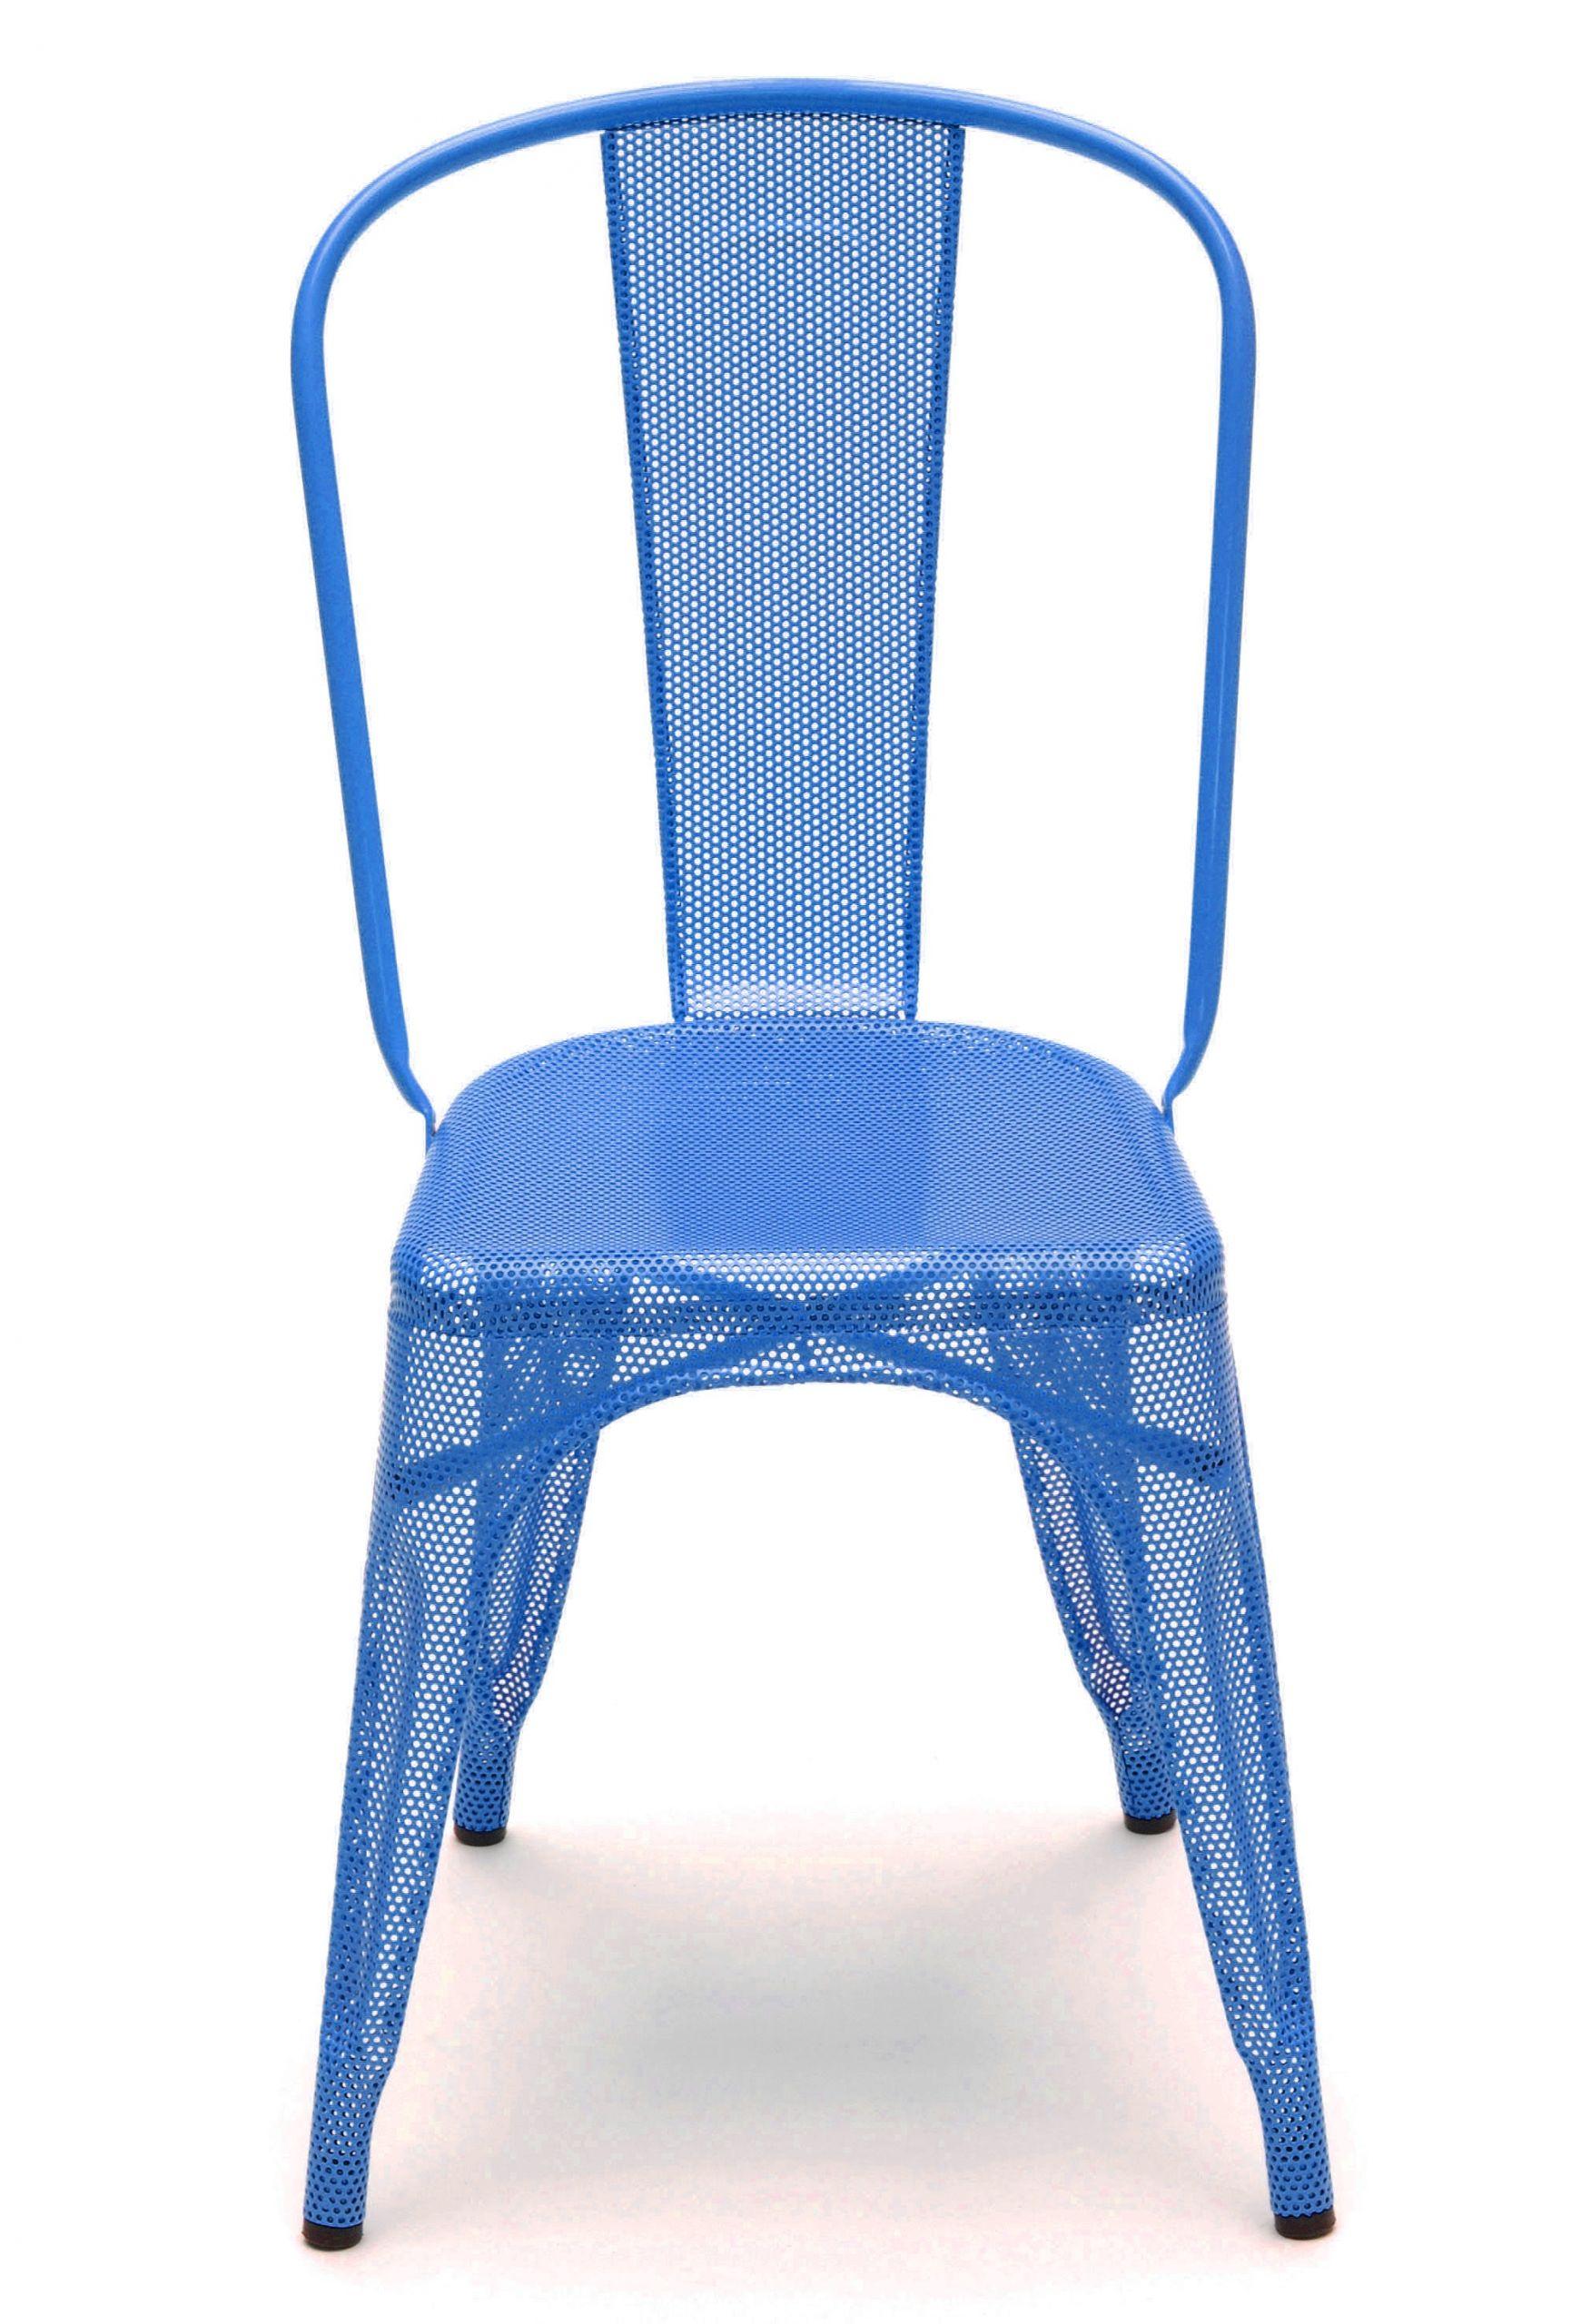 chaise a perforee de tolix acier laque bleu ocean 2